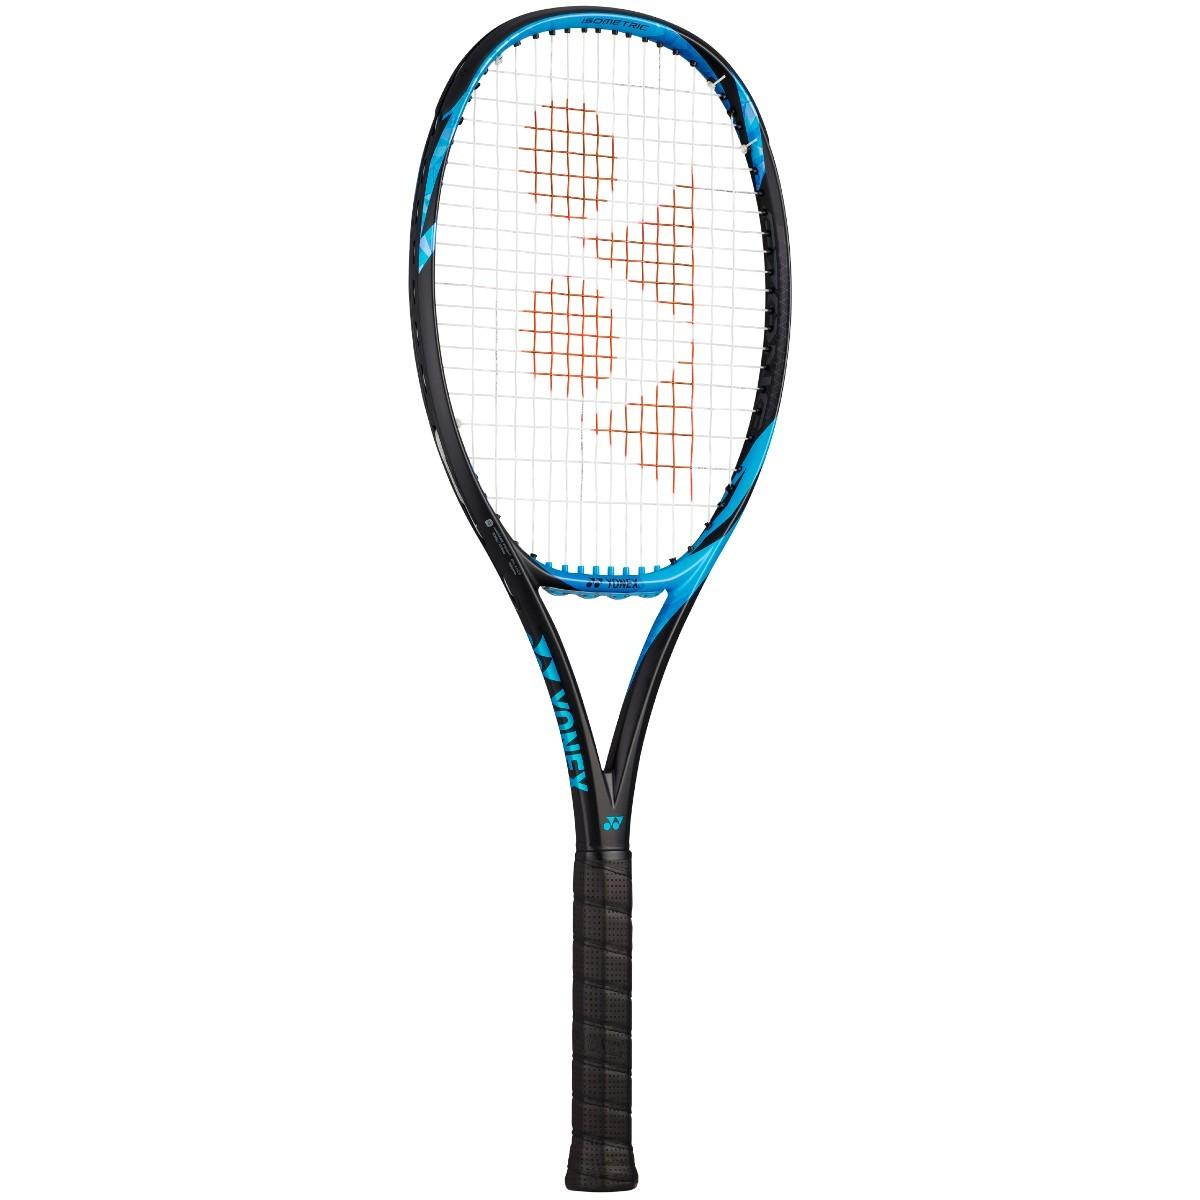 Rakieta tenisowa Yonex EZONE 98 Blue (305g)